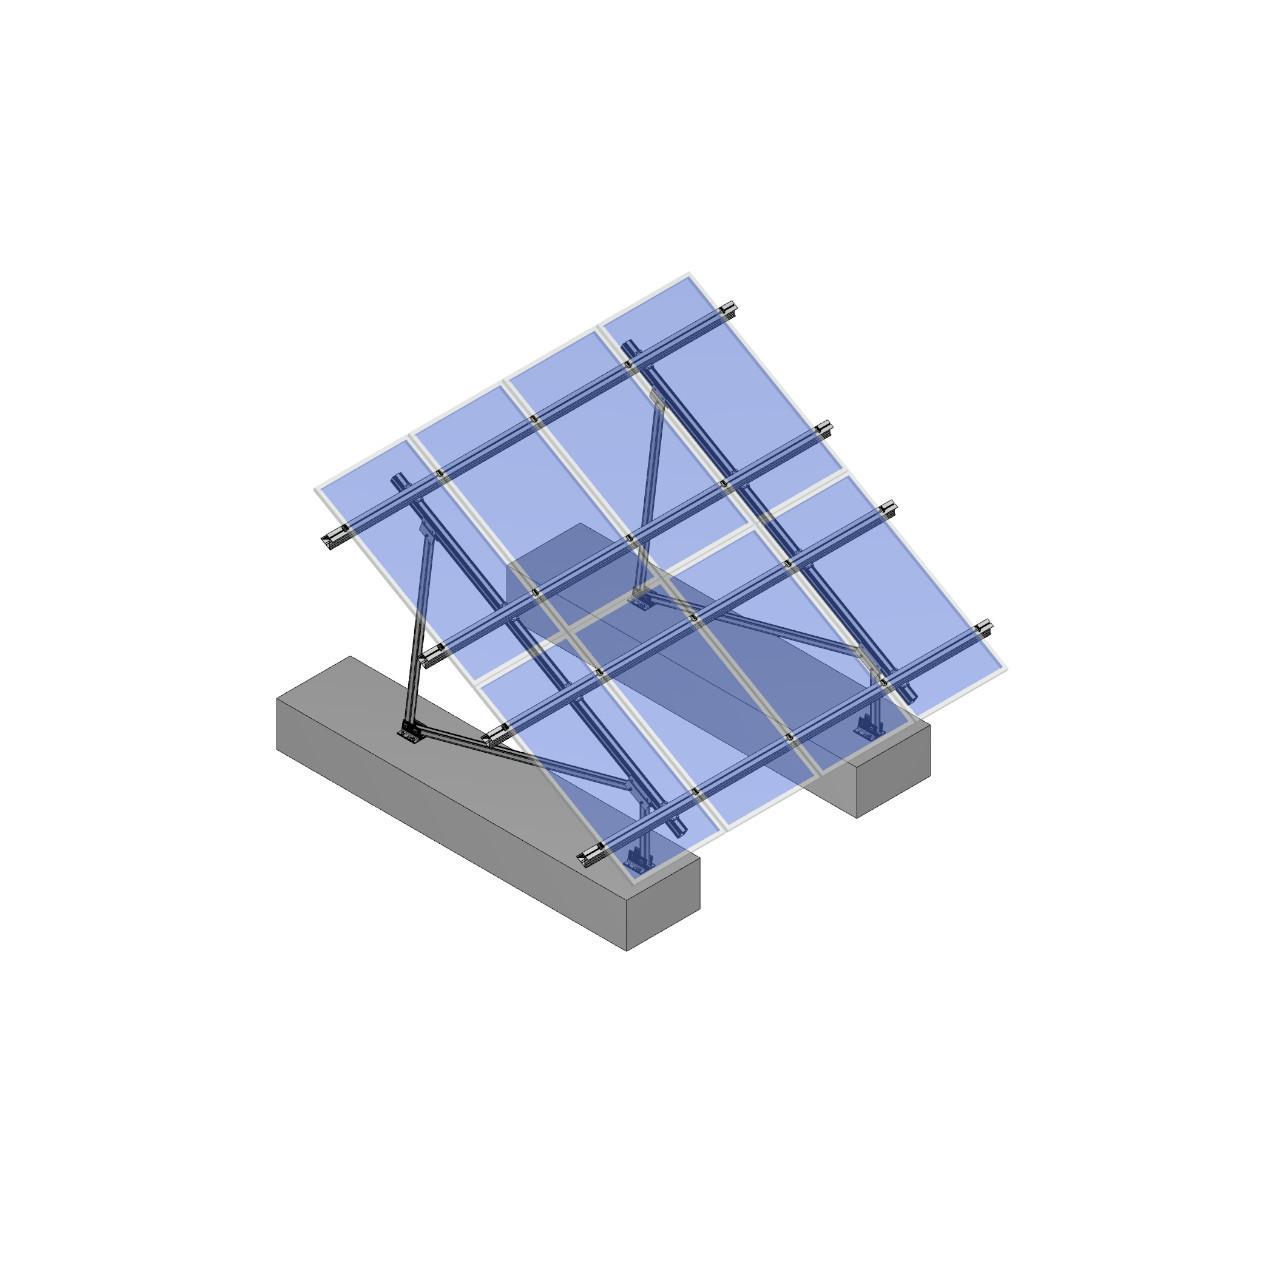 Schletter - PVMax 2Vx6-30deg-Concrete-Transparent-Panels